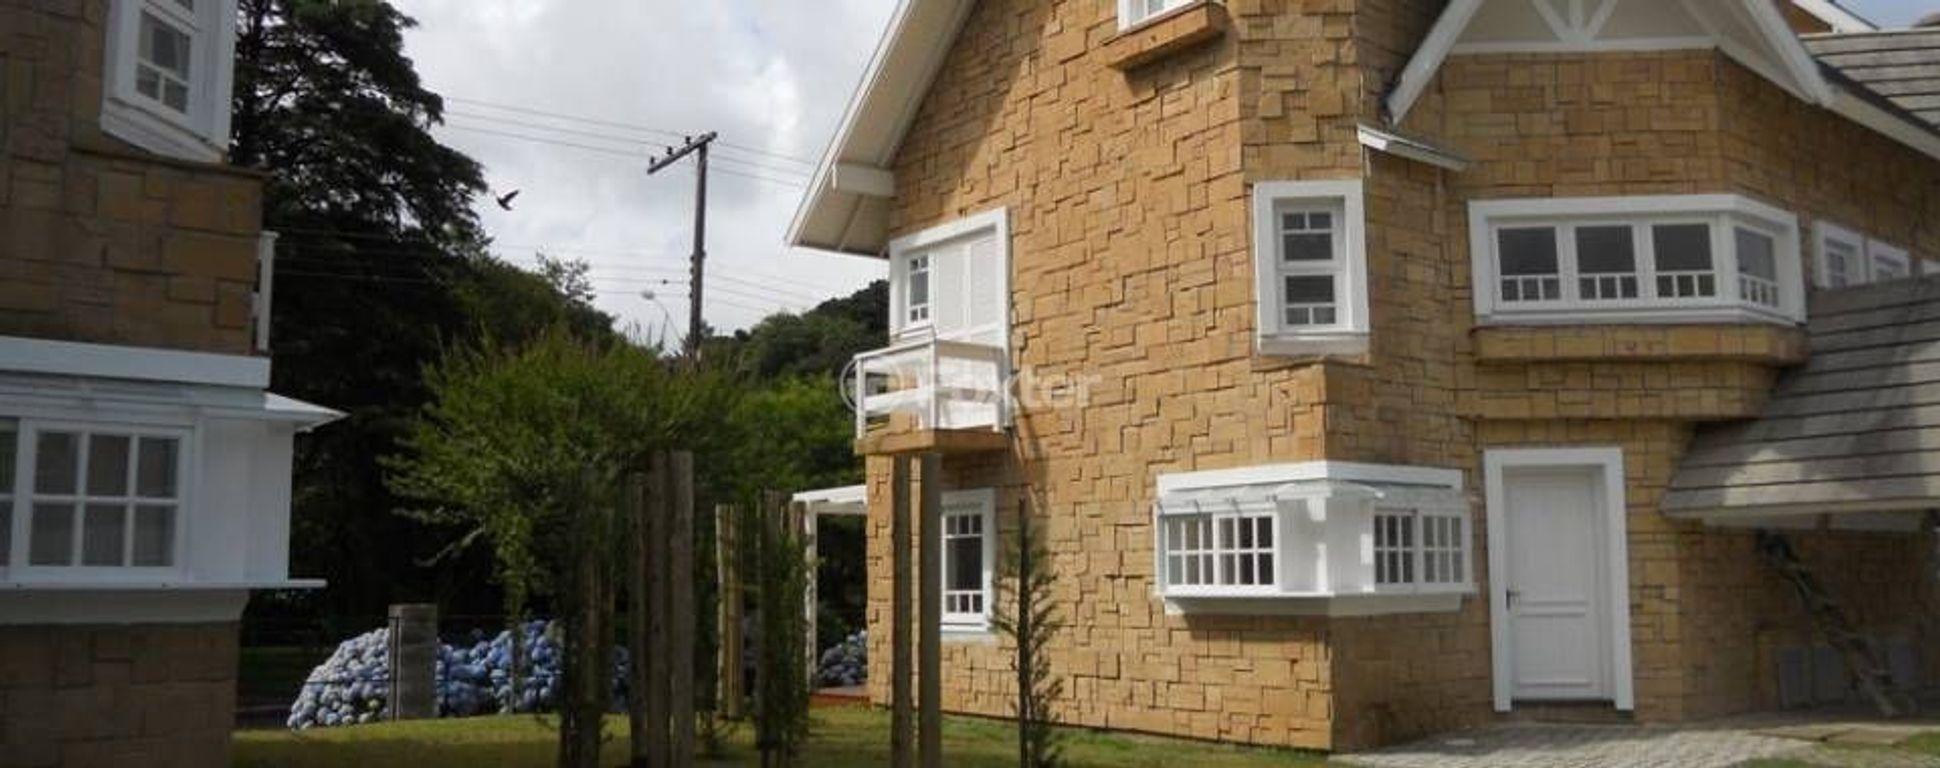 Casa 2 Dorm, Planalto, Gramado (124619) - Foto 3